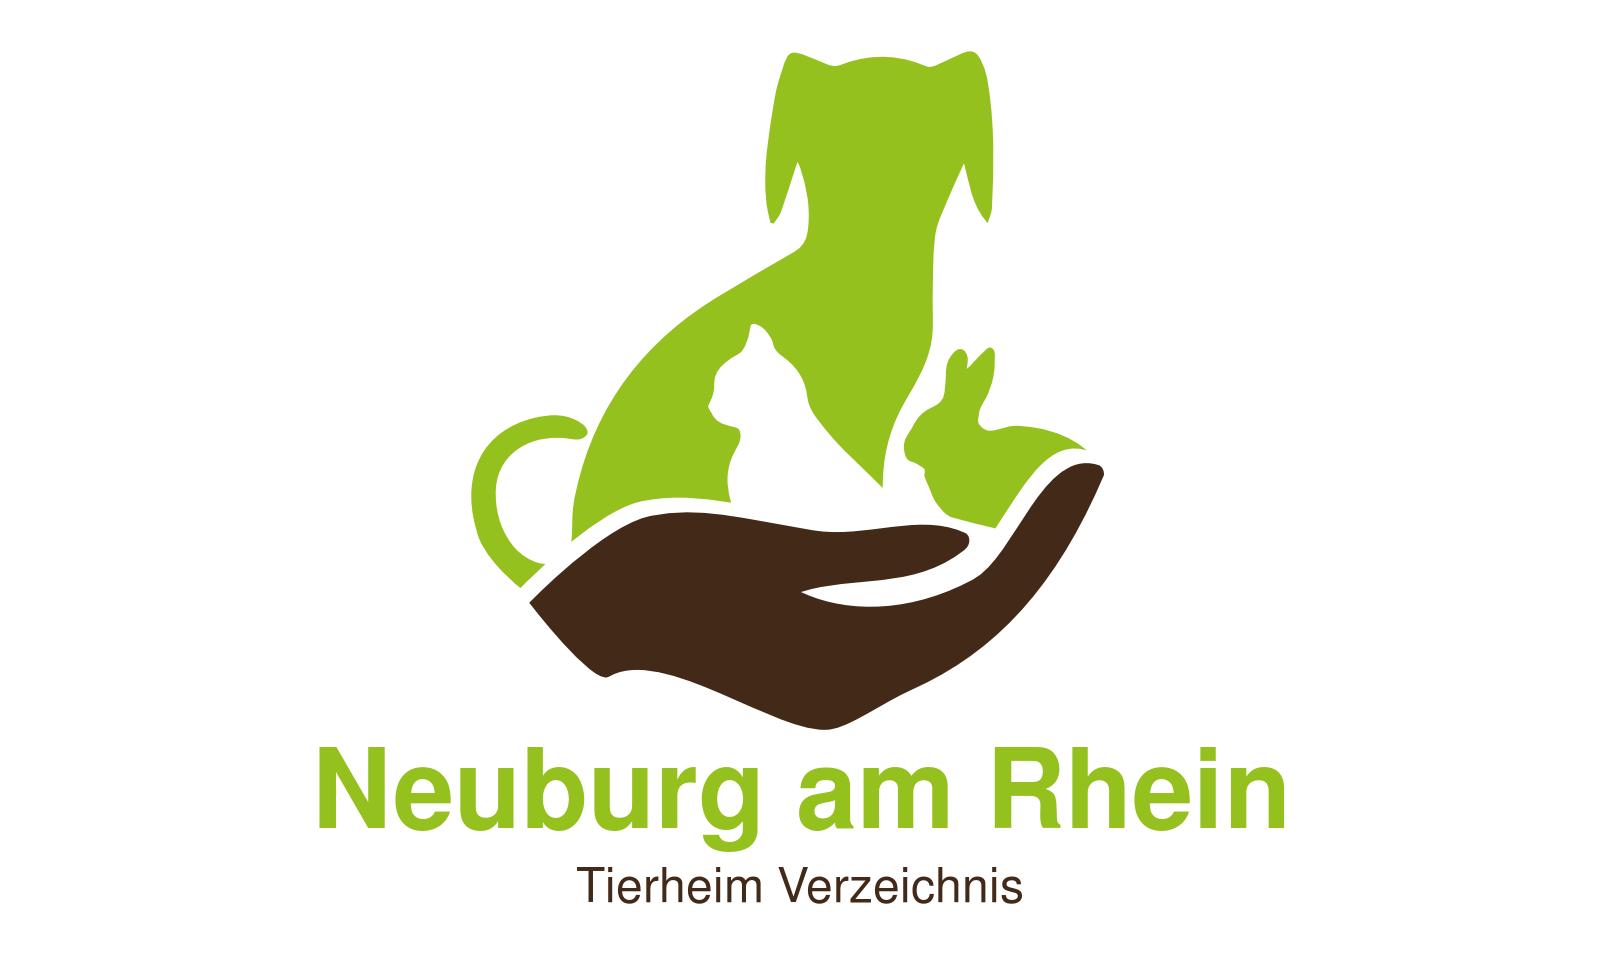 Tierheim Neuburg am Rhein